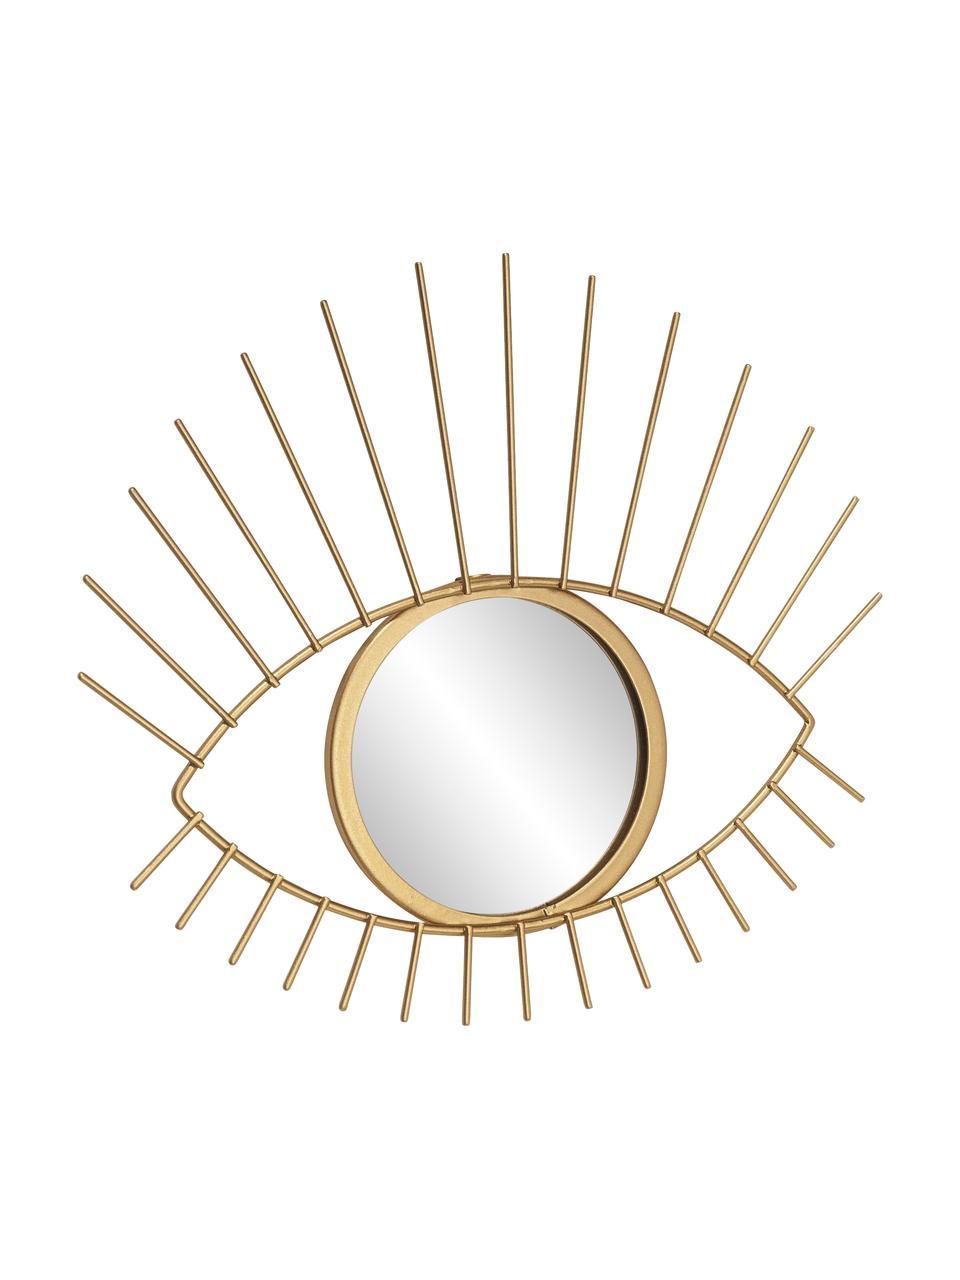 Runder Deko-Spiegel Auge mit Goldrahmen, Rahmen: Metall, beschichtet, Spiegelfläche: Spiegelglas, Rahmen: GoldfarbenSpiegelfläche: Spiegelglas, 27 x 31 cm